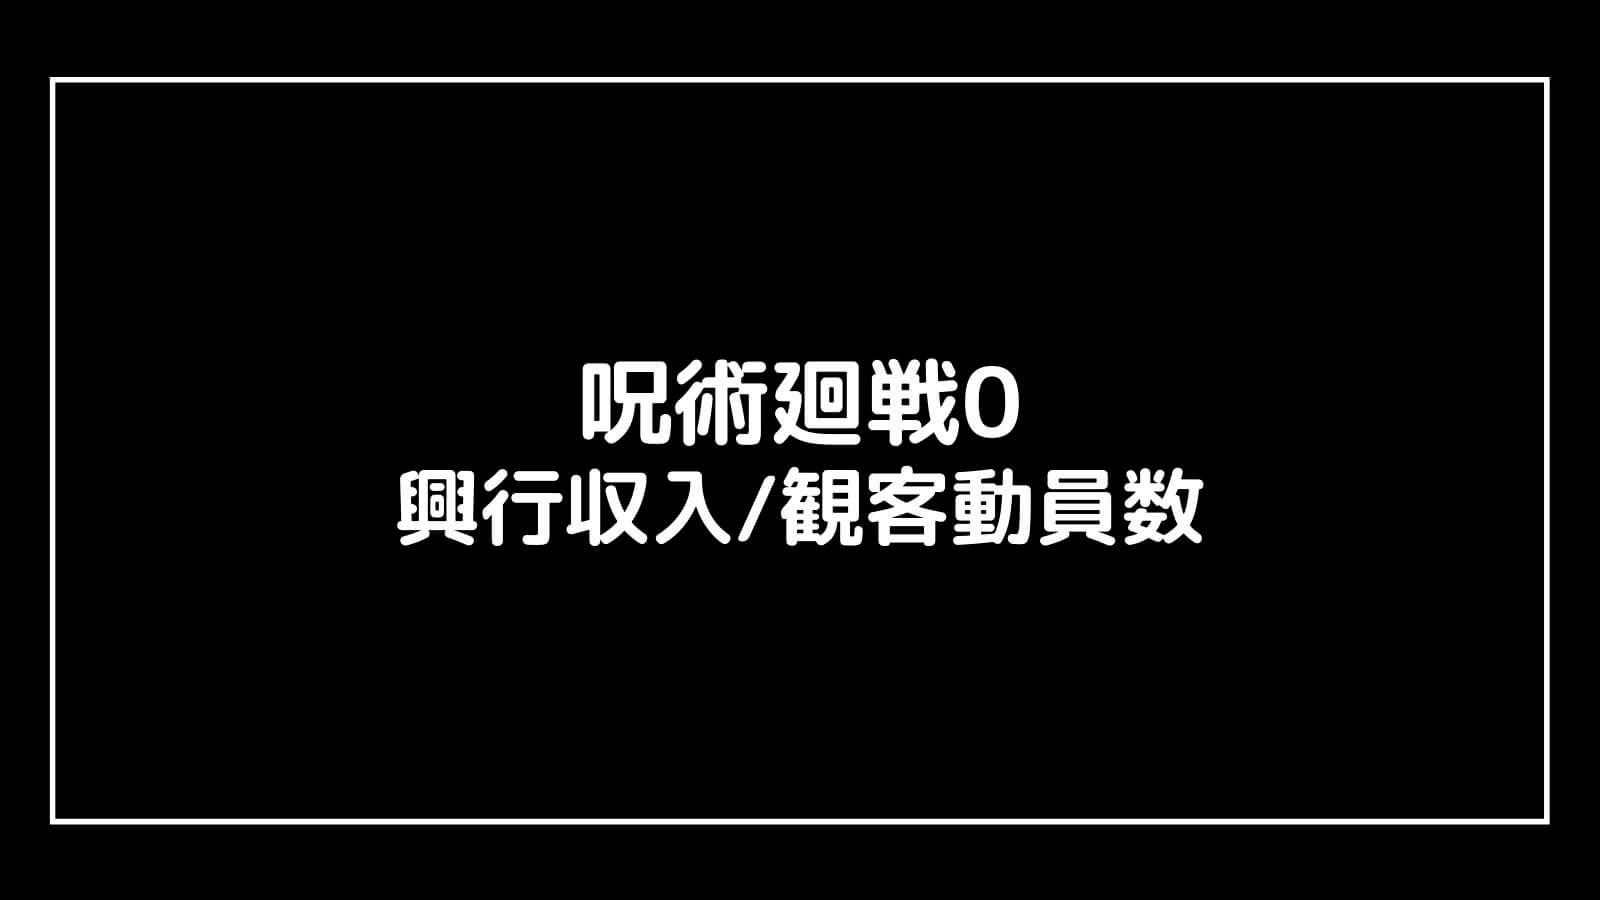 映画『呪術廻戦0』の興行収入と観客動員数の推移 最終興収の予想まとめ